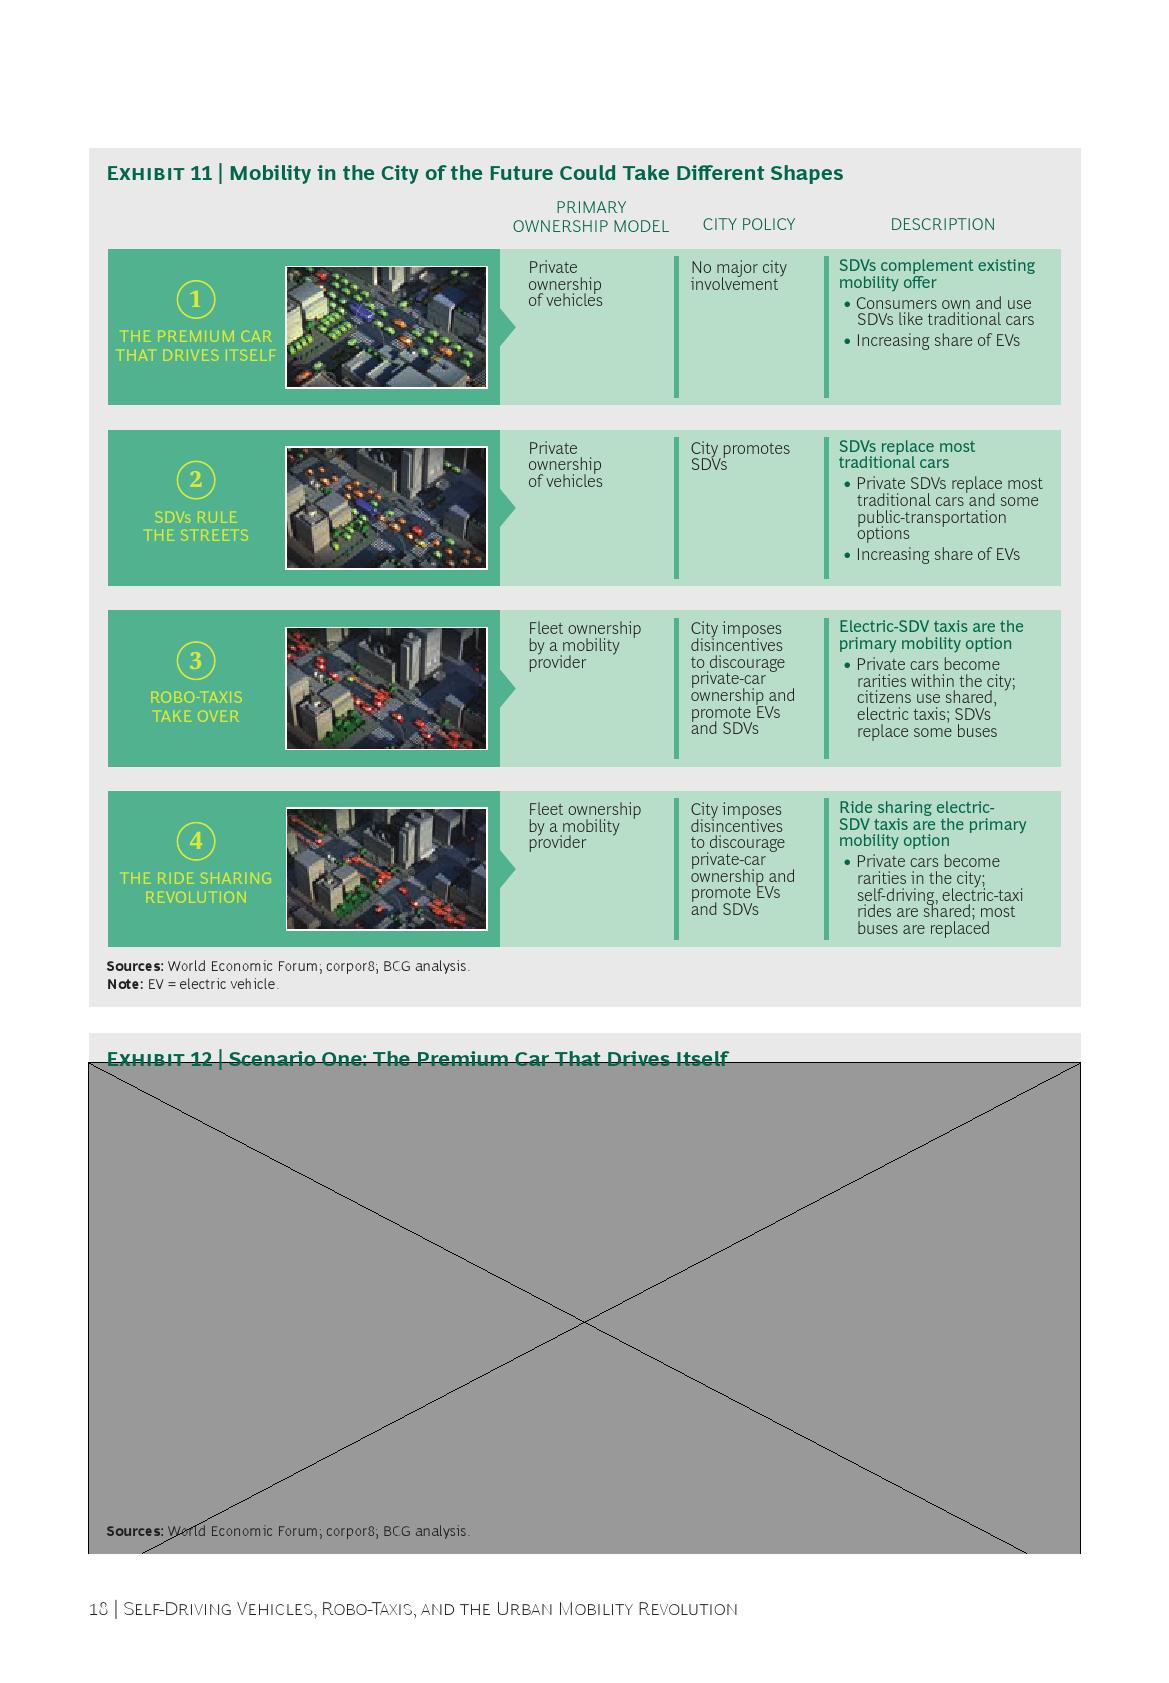 自动驾驶与城市交通革命_000020